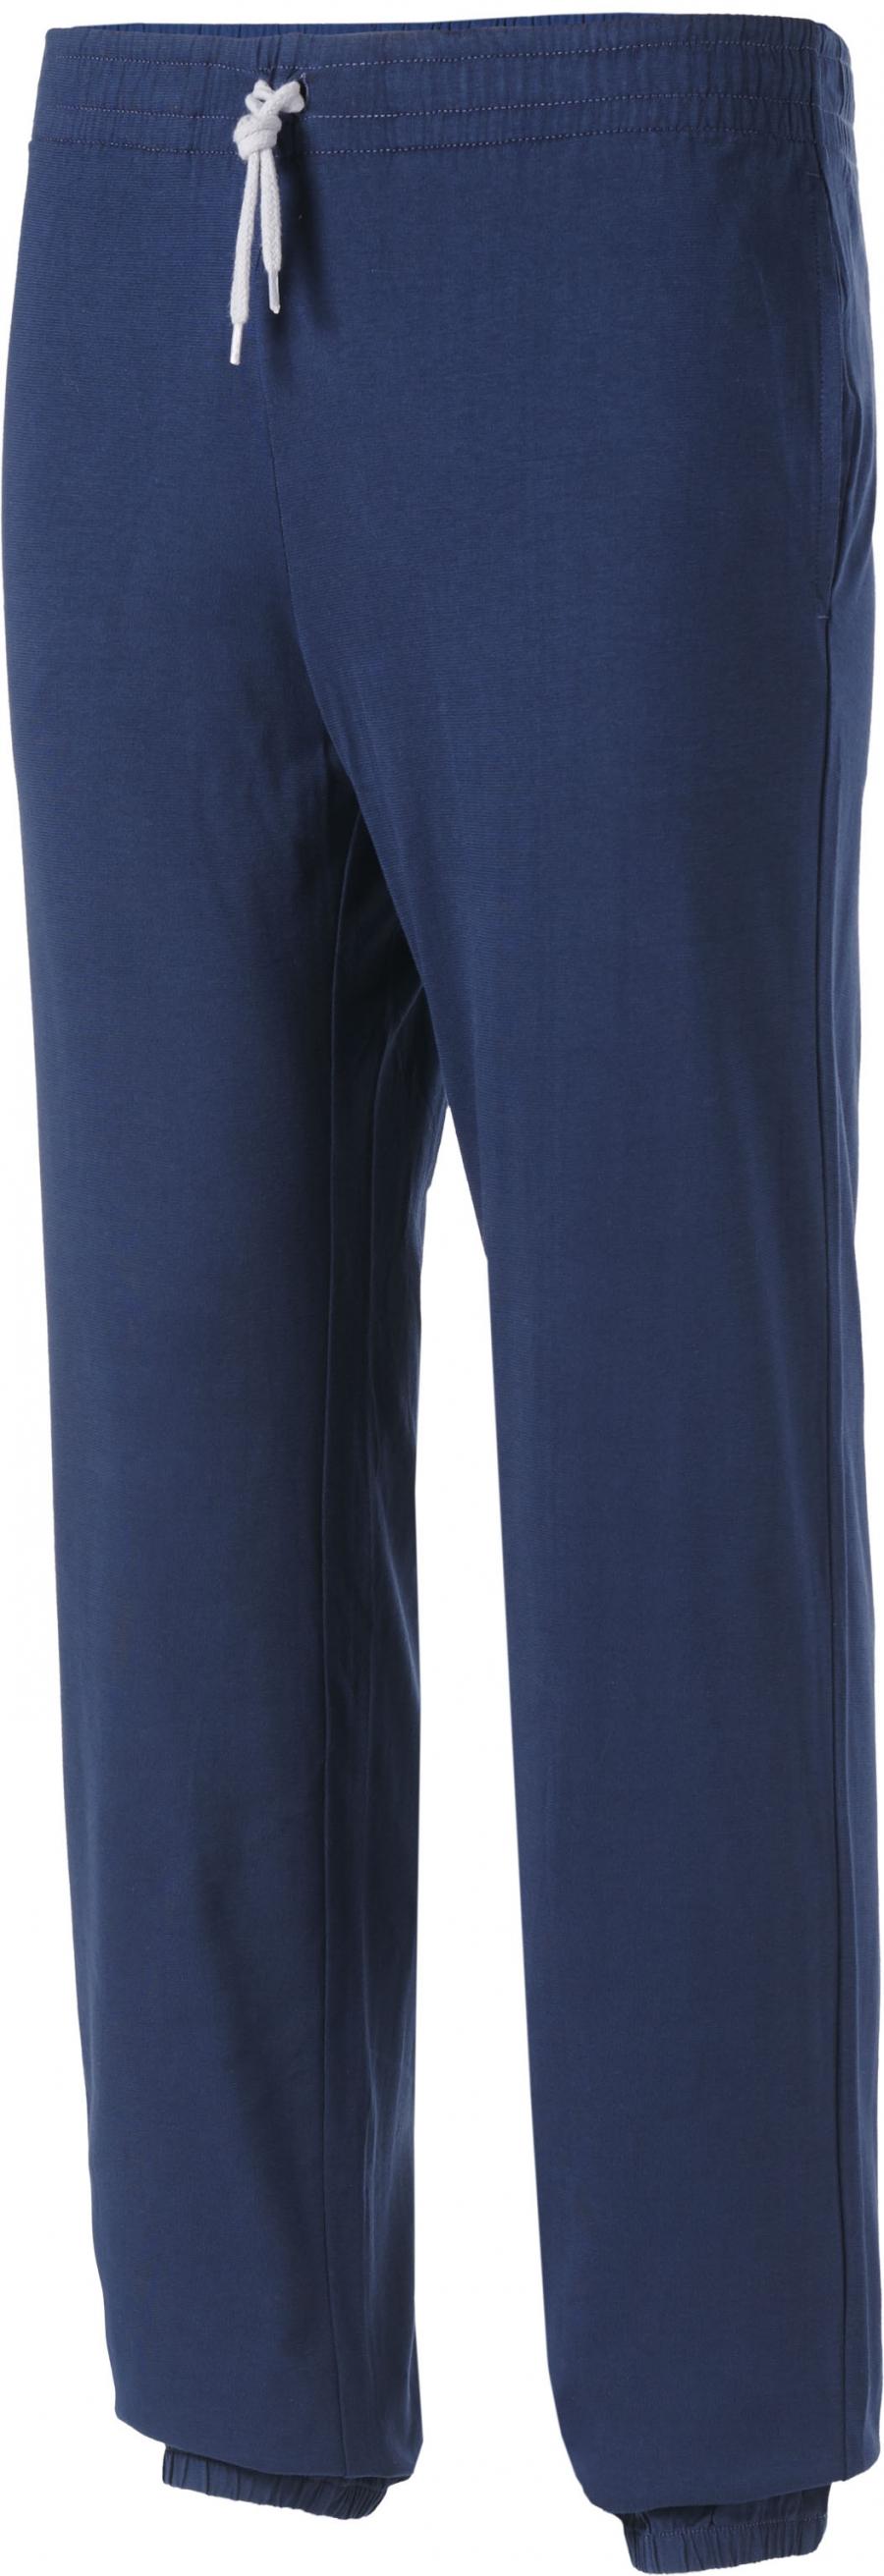 Pantalon de jogging en coton léger unisexe - 2-1370-5